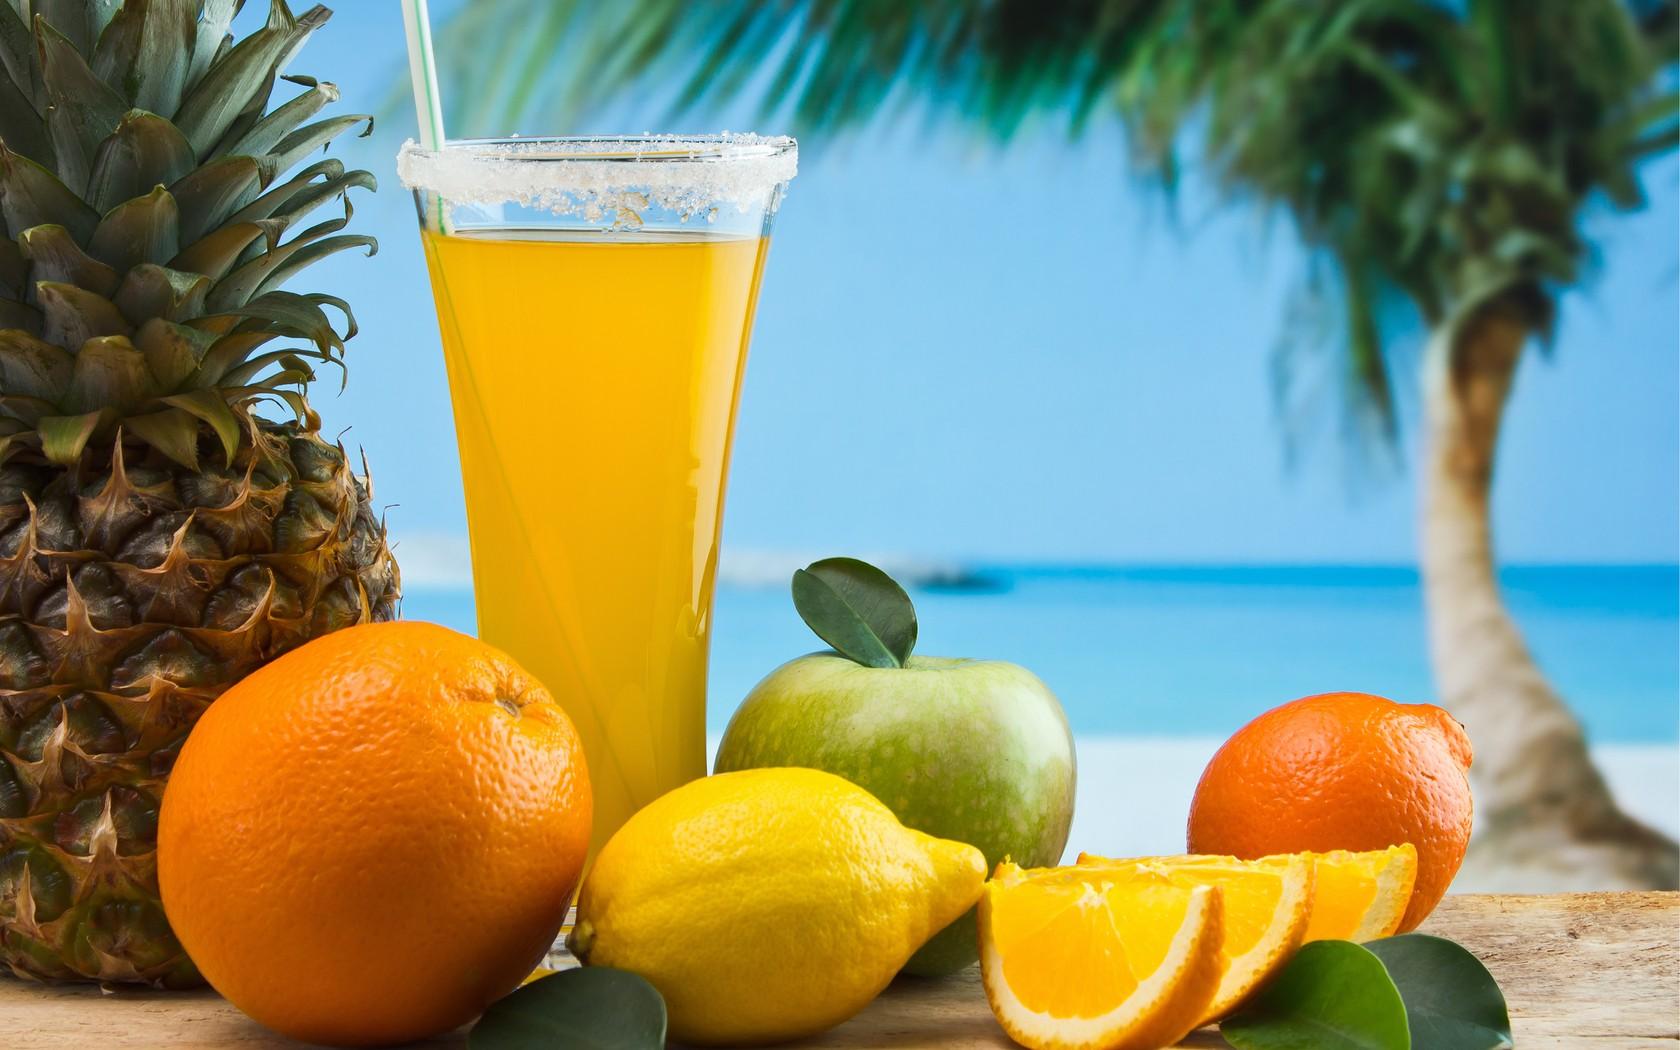 Frutas tropicales en playa - 1680x1050